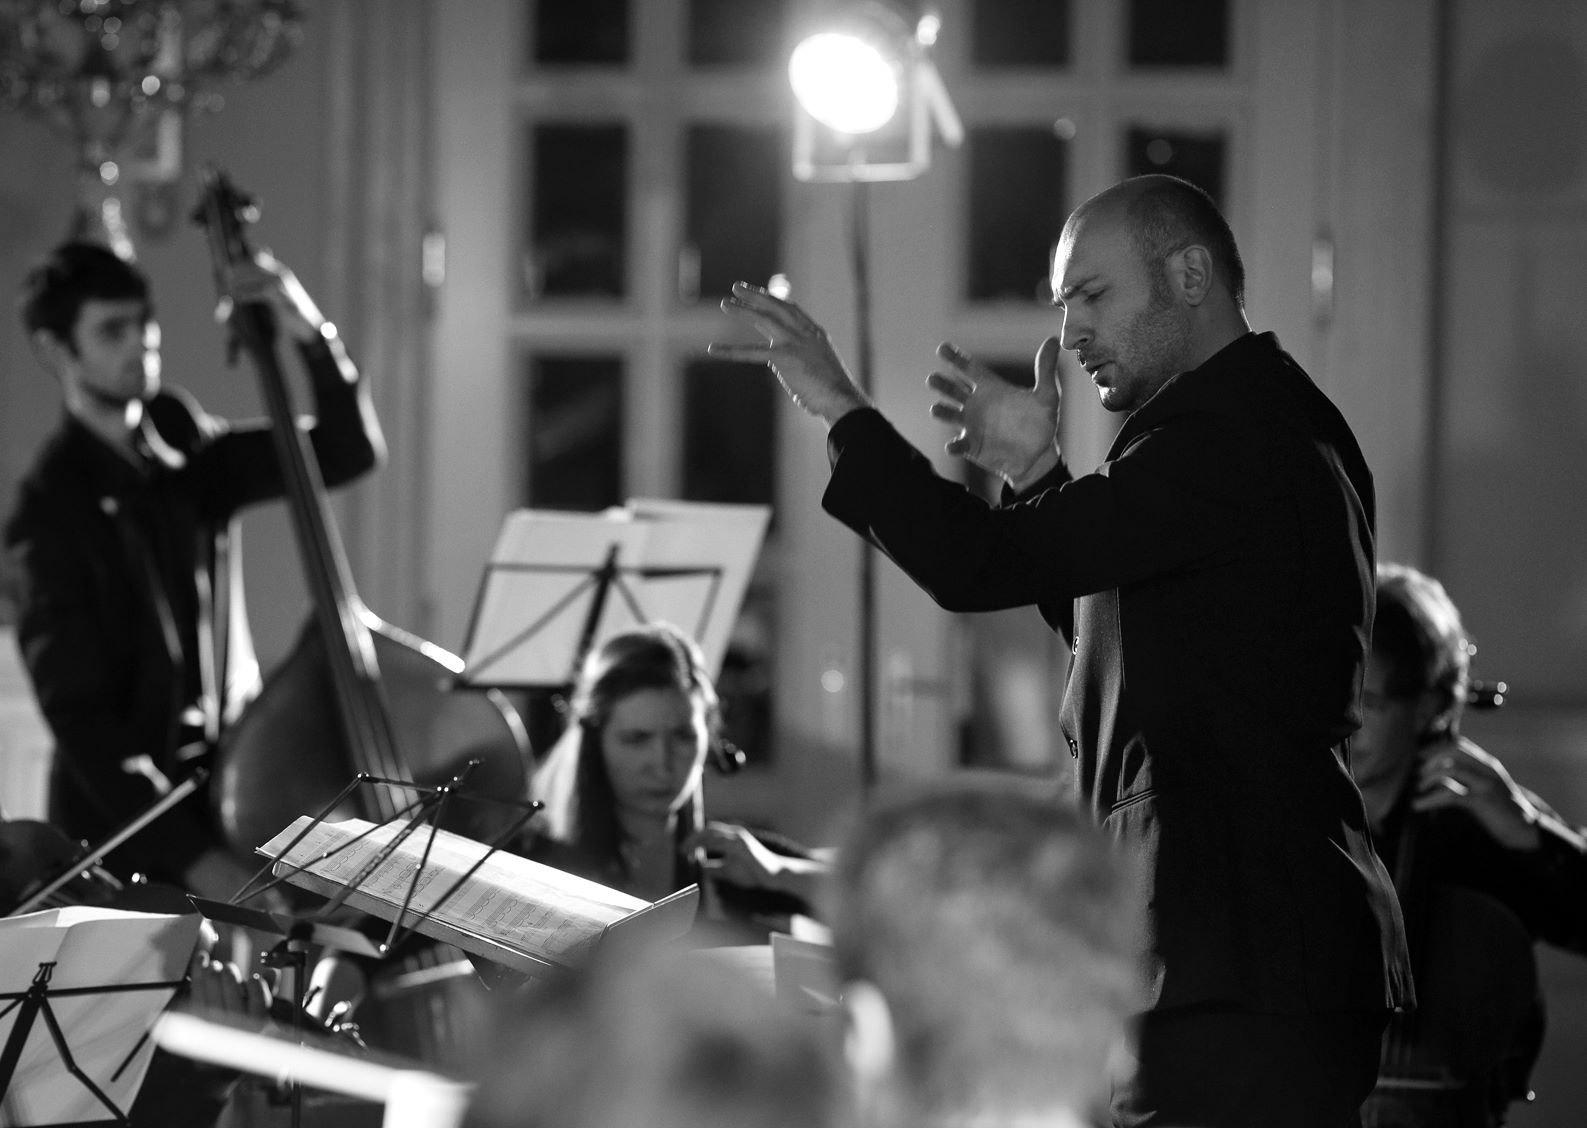 Концерт оркестра Armonia Ludus, музыка Сильвестрова и Пярта